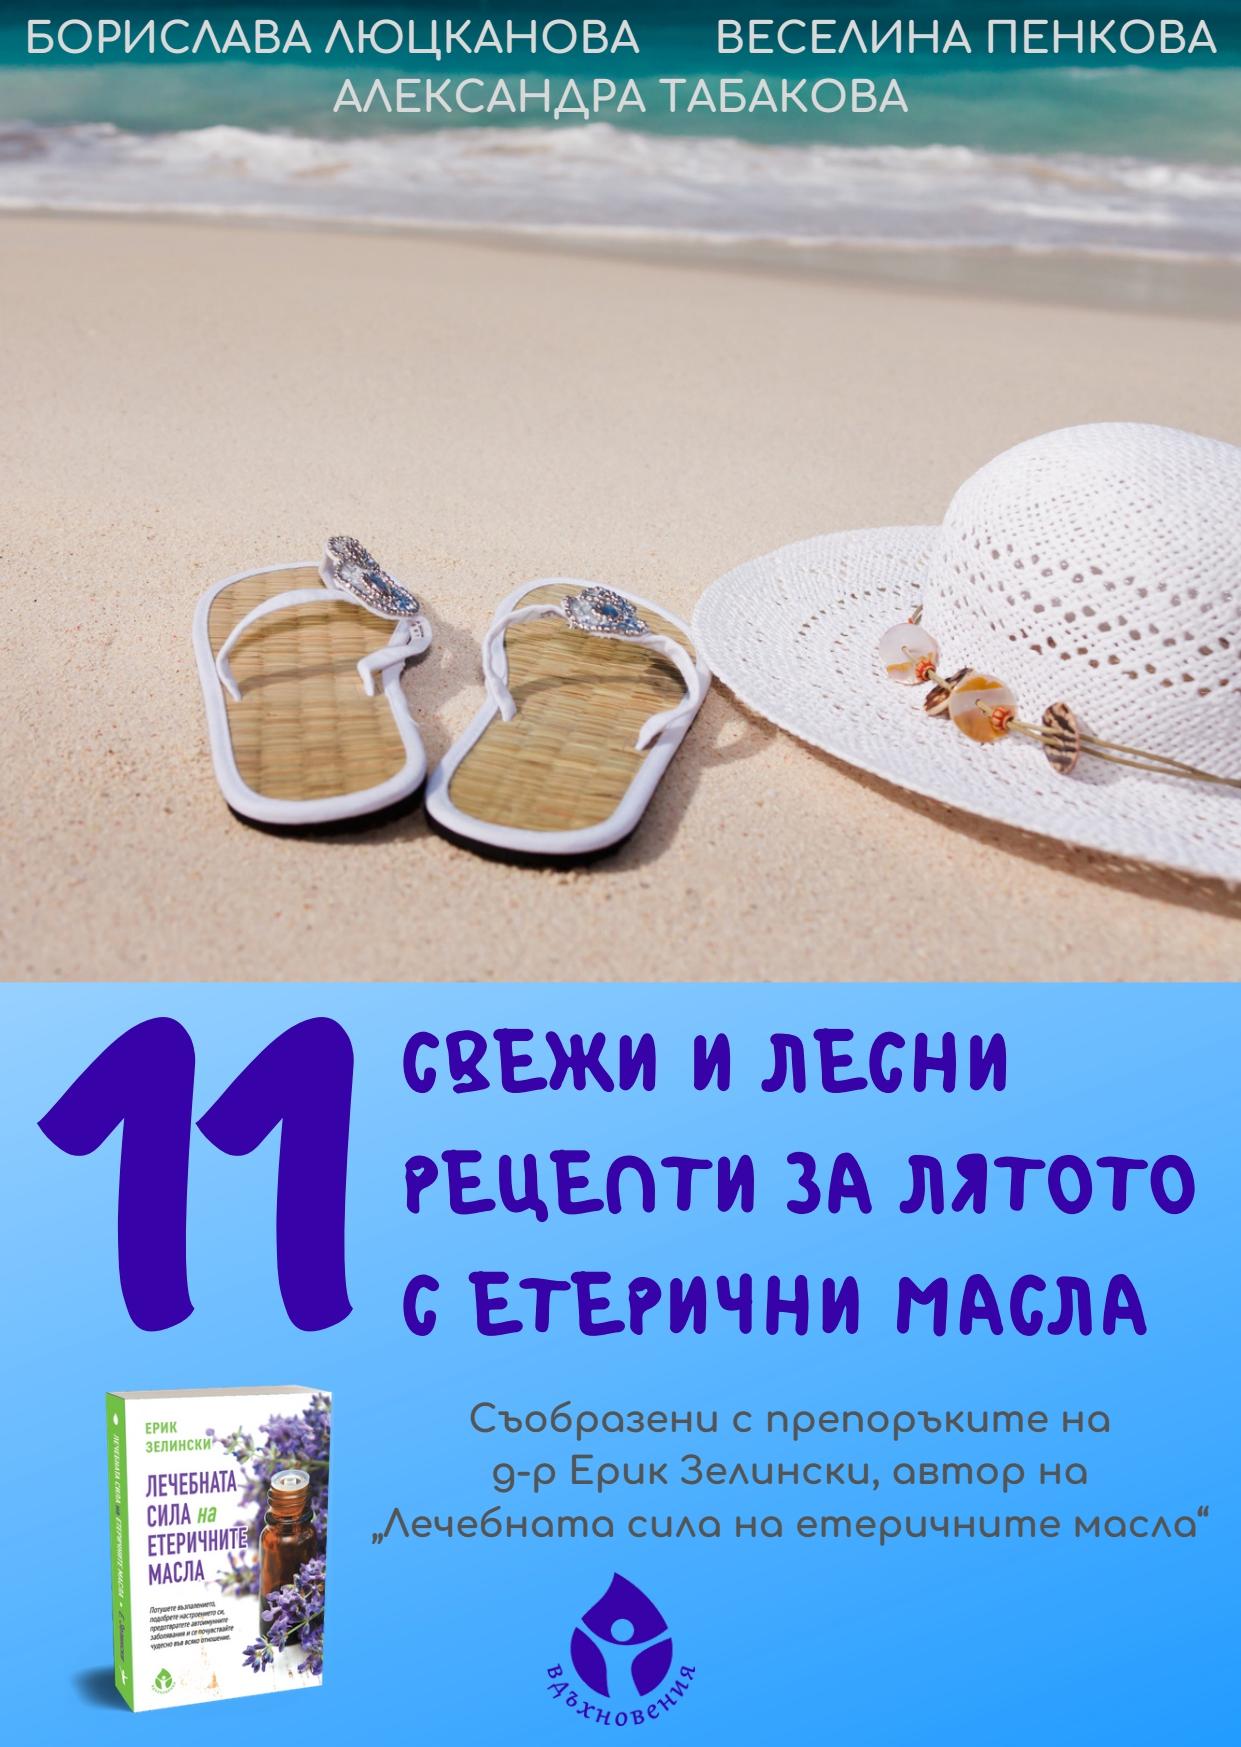 11 свежи и лесни рецепти за лятото с етерични масла